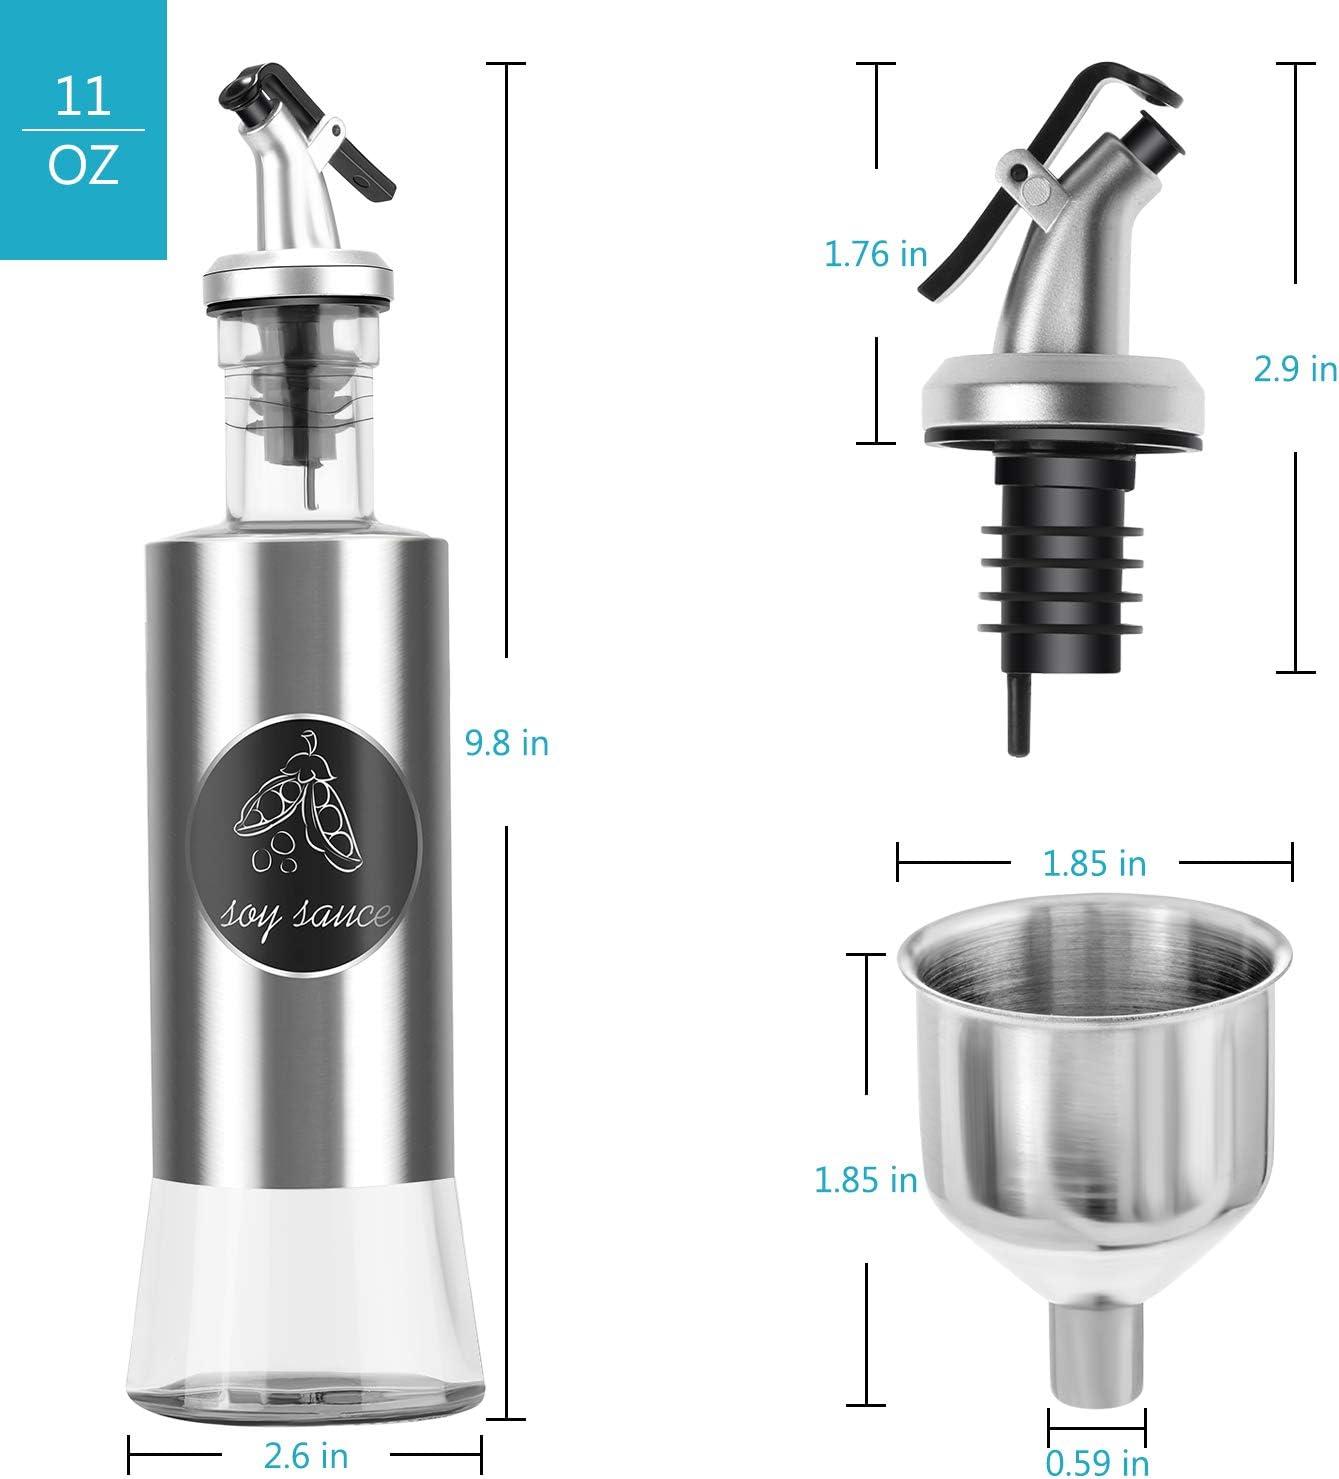 Neptonion Stainless Steel Olive Oil Dispenser set Bottle Glass Vinegar and Sauce Cruet - 11oz Sauce Cruet Pourer Dispensing (Funnel included)(3 Packs): Kitchen & Dining